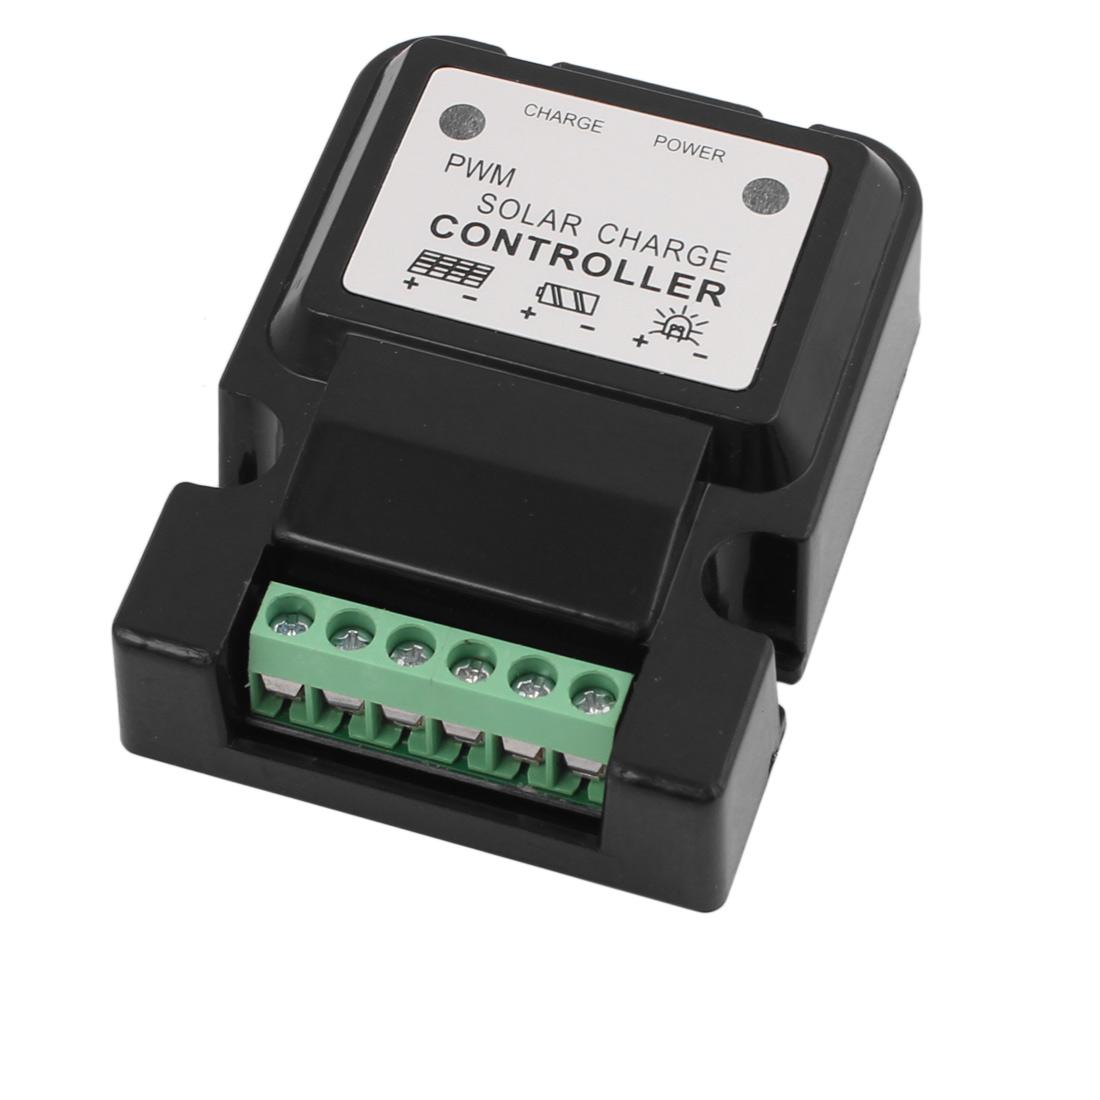 6V/12V 3A PWM Solar Panel Charge Controller Regulator Safe Protection - image 3 of 3